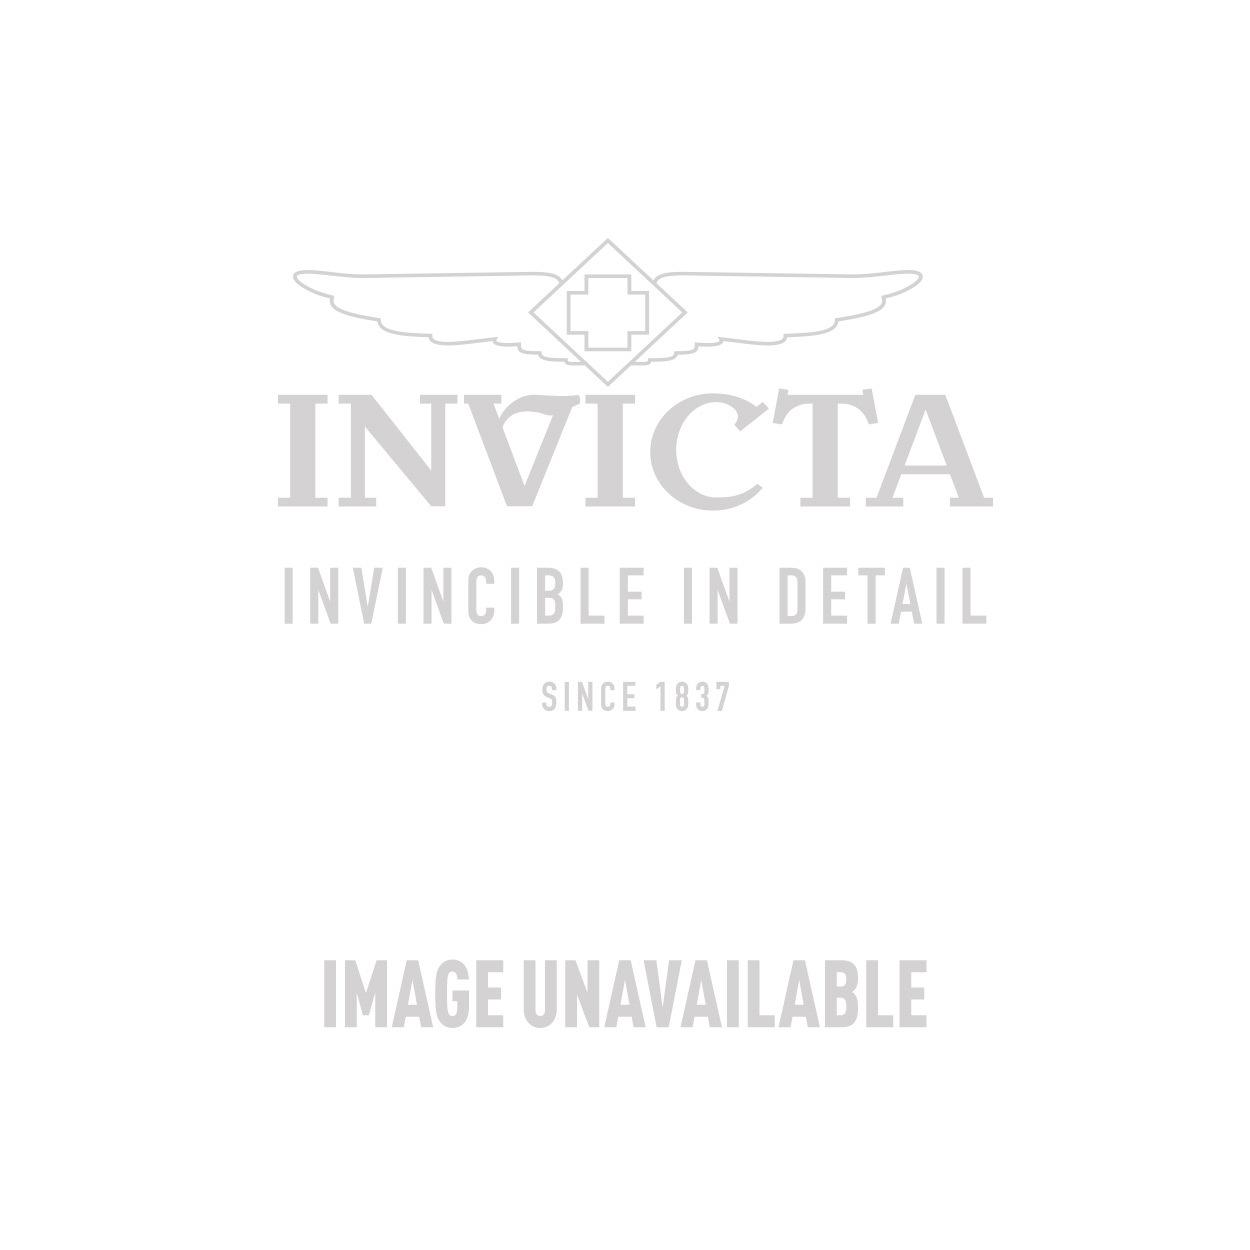 Invicta Model 25458